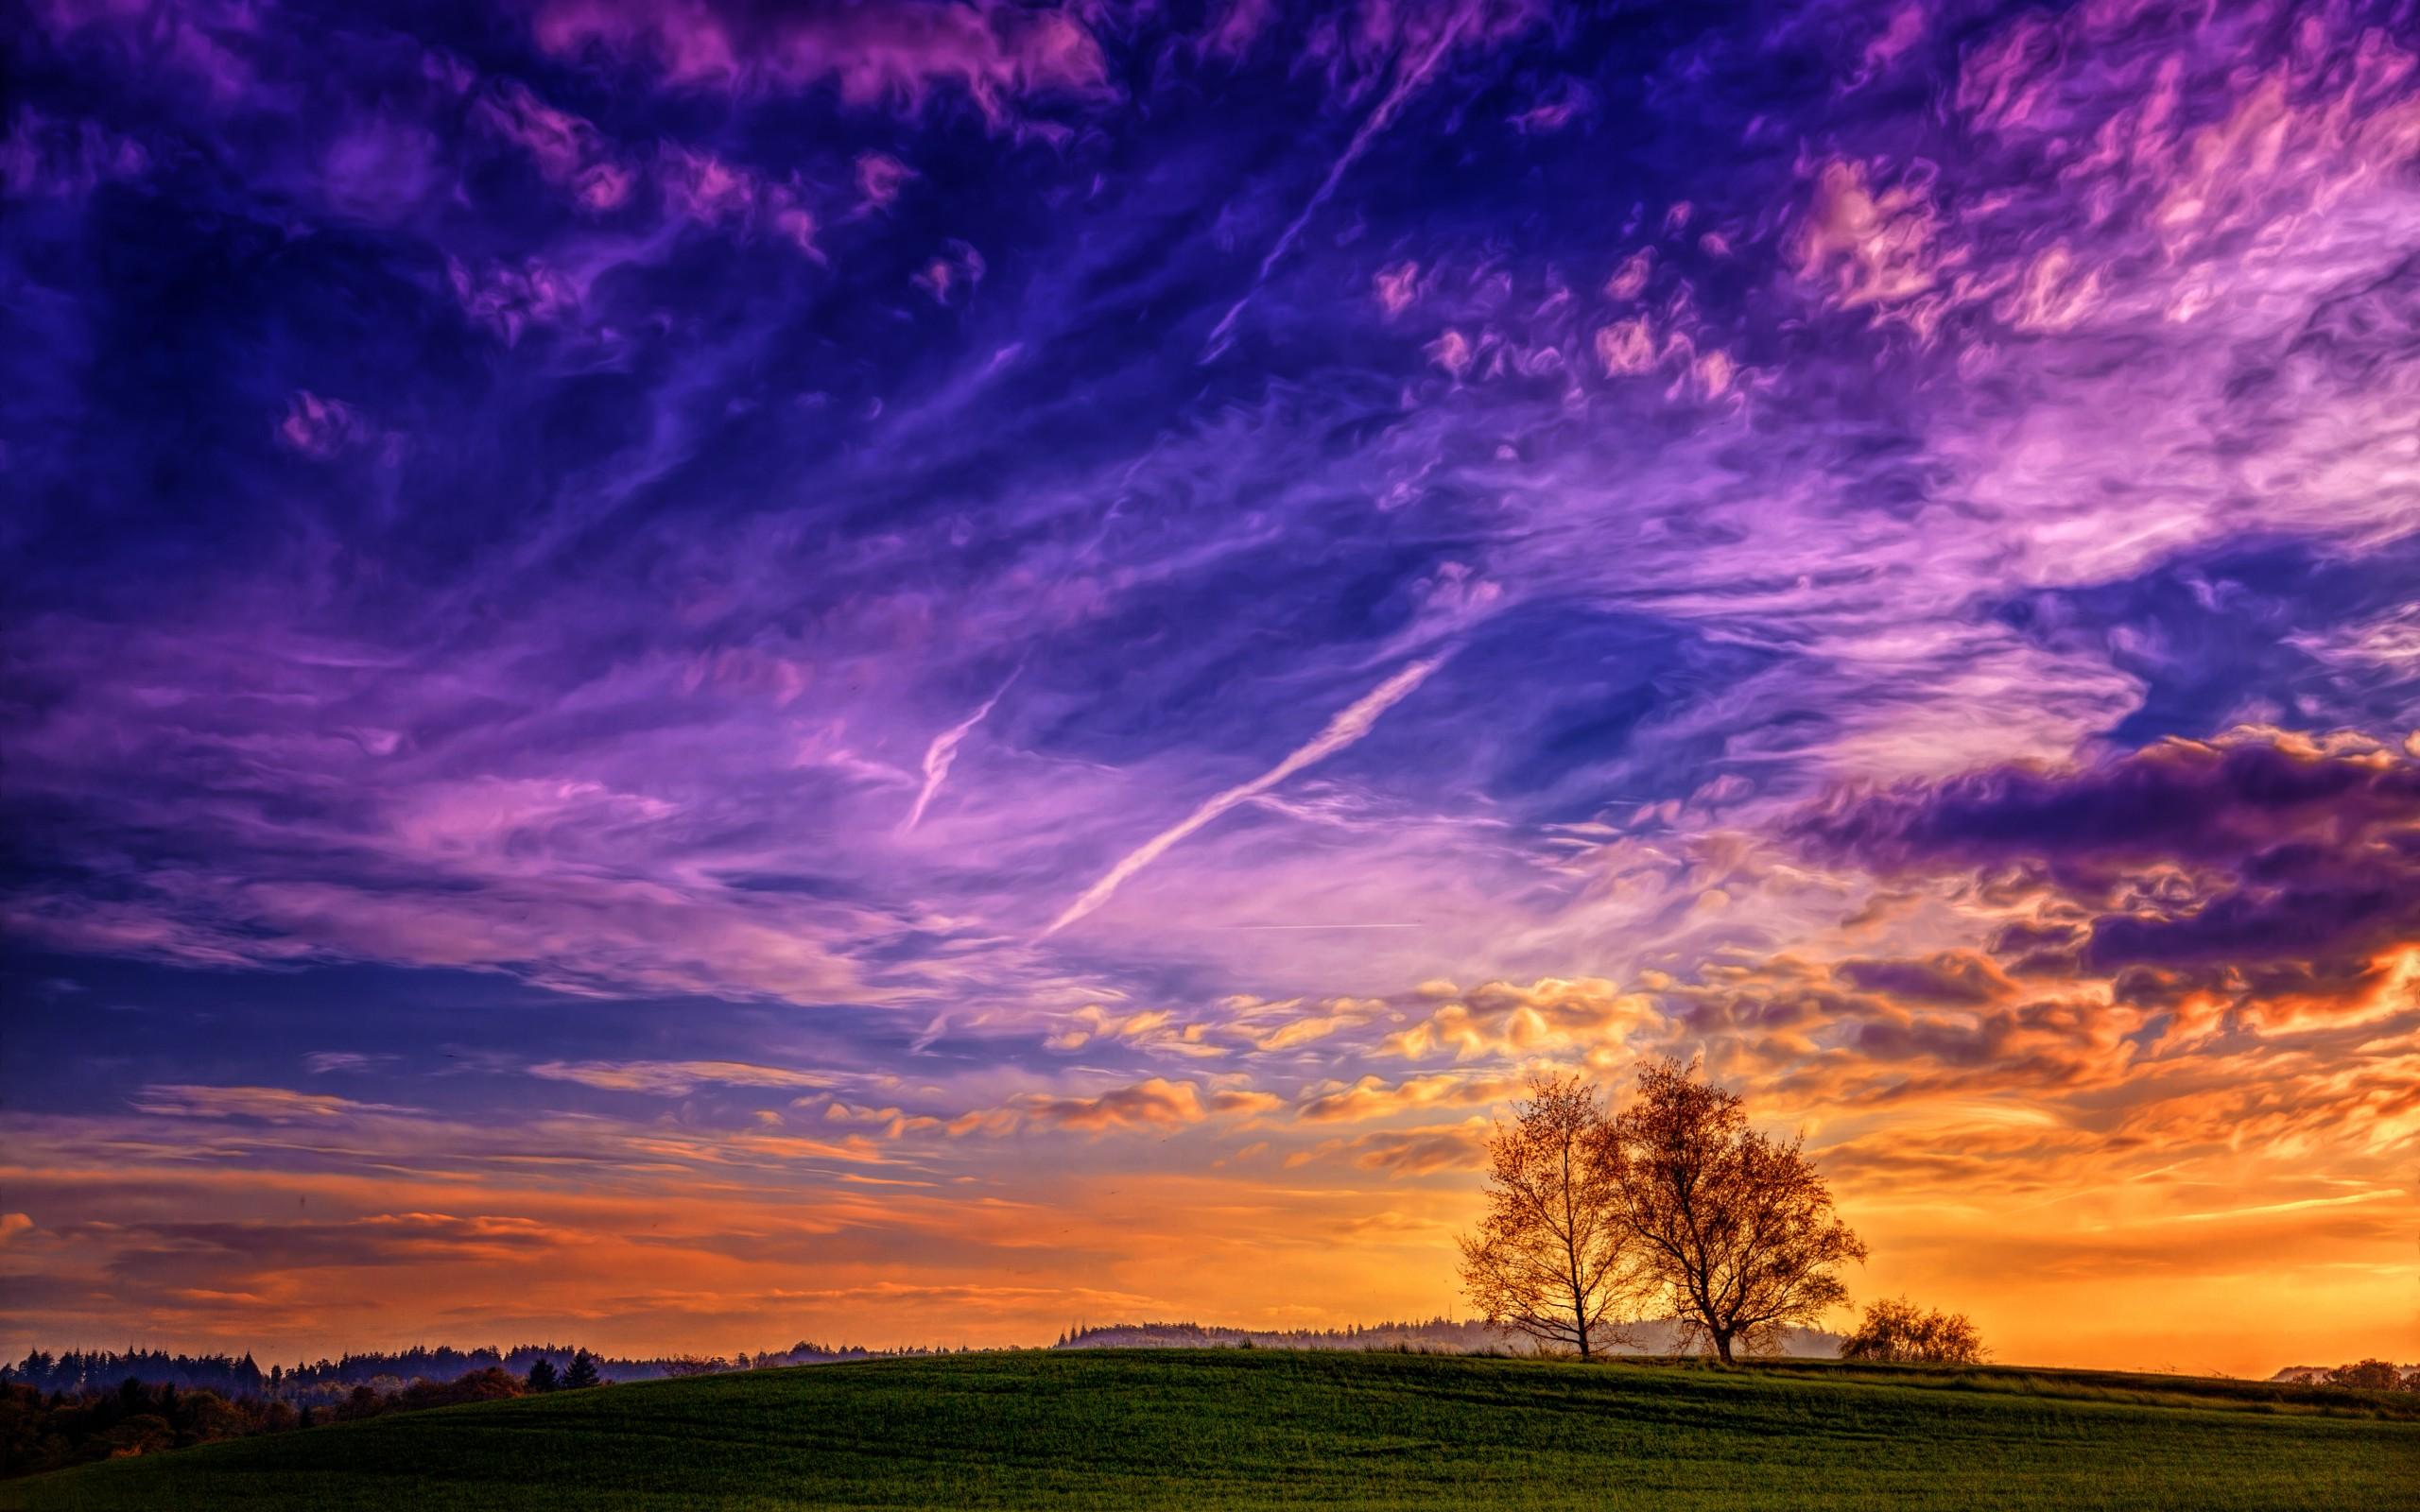 группы фото неба очень высокого качества изготовления подобных цветных